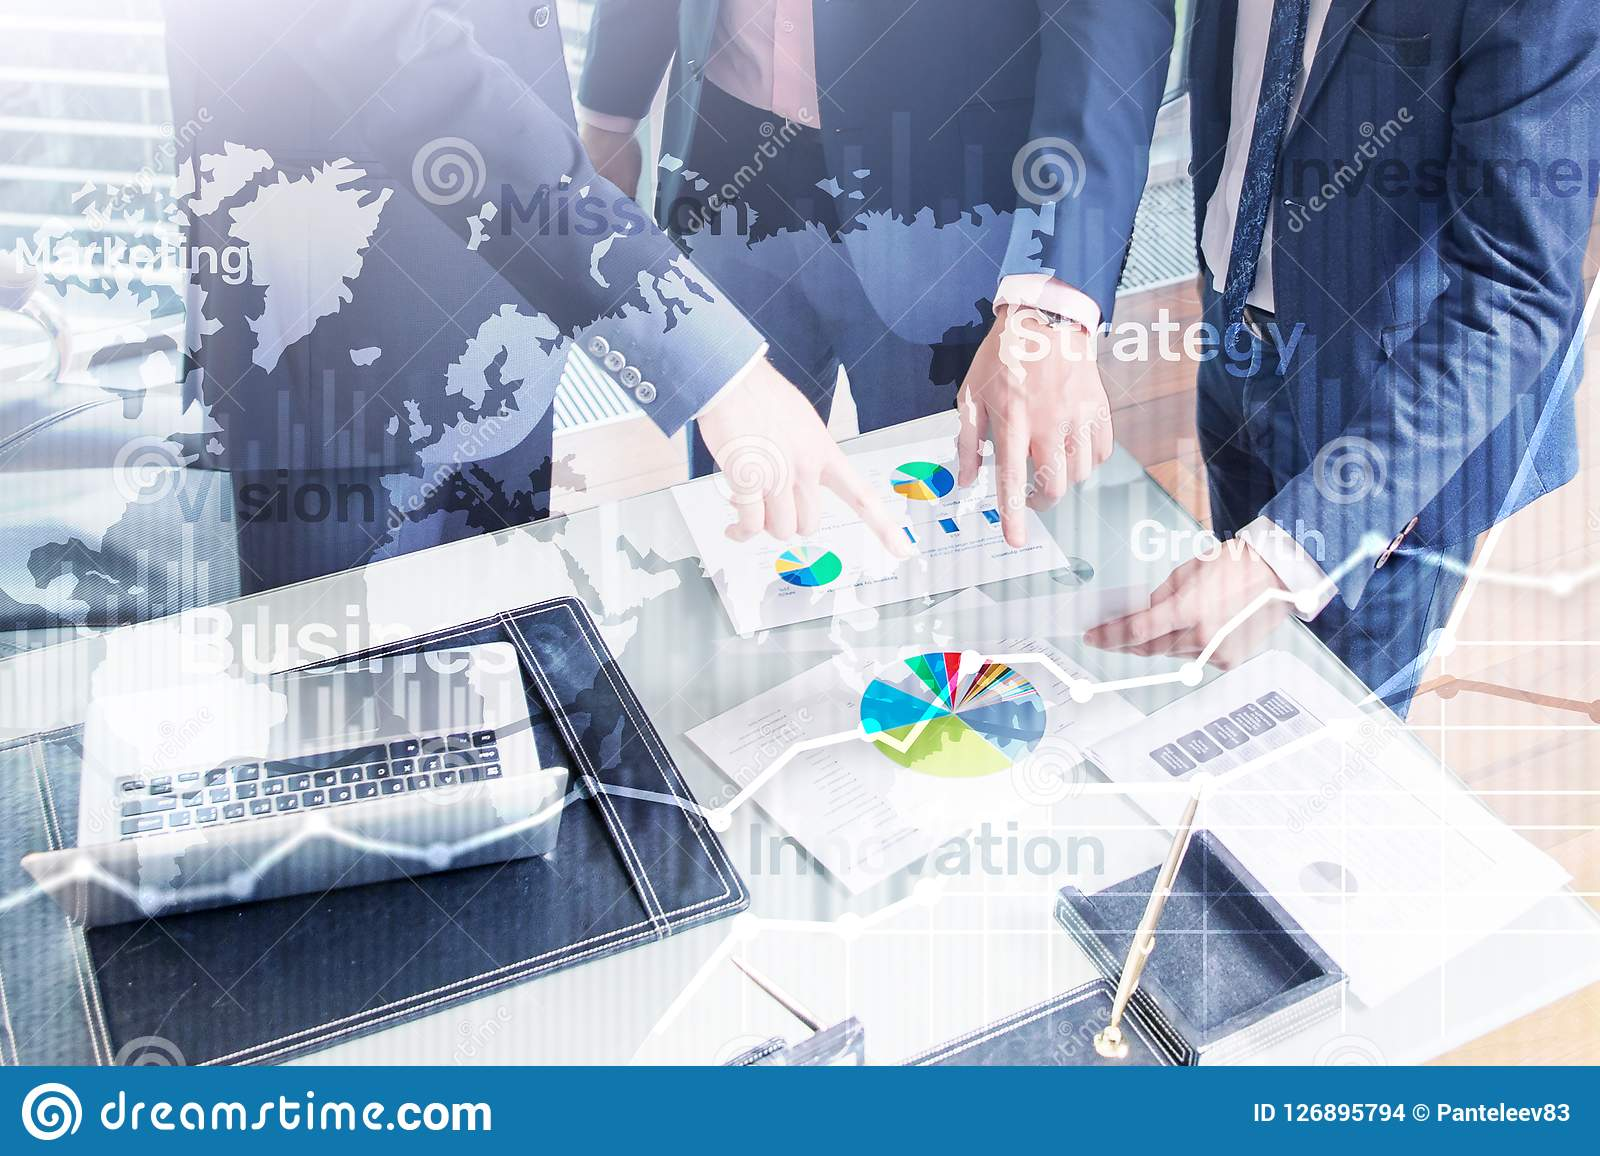 Hintergrunddoppelbelichtungsdiagramm, -diagramm und -diagramm des Geschäfts abstraktes Weltweite Karte und Globales Geschäft und